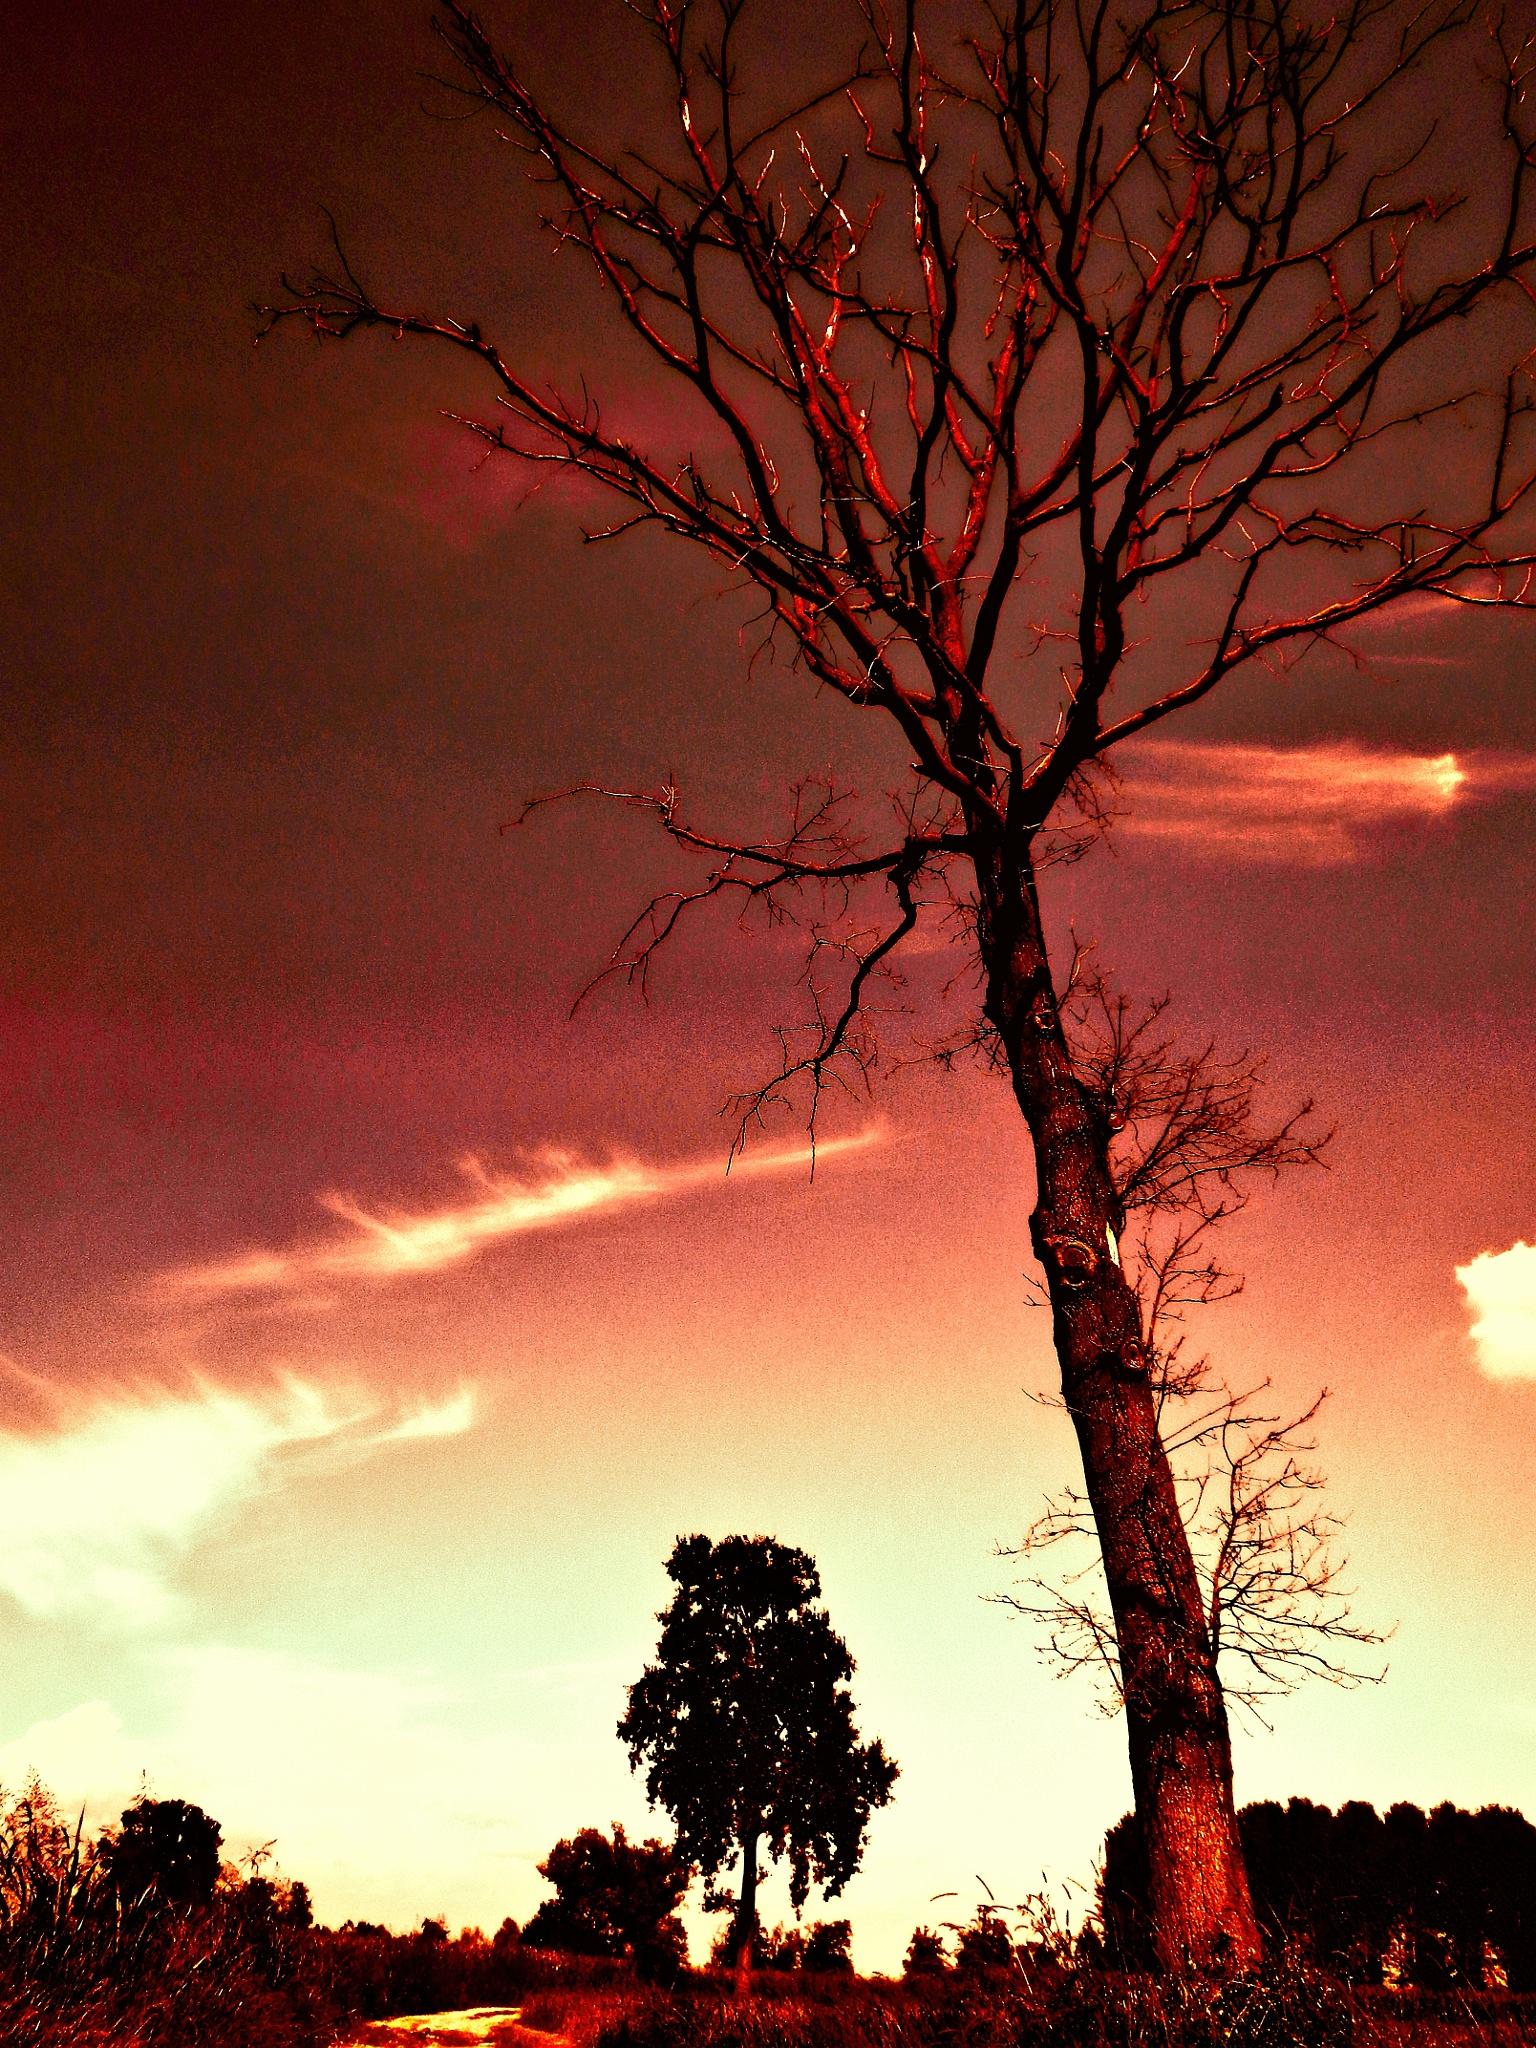 Landscape in red by monicarla